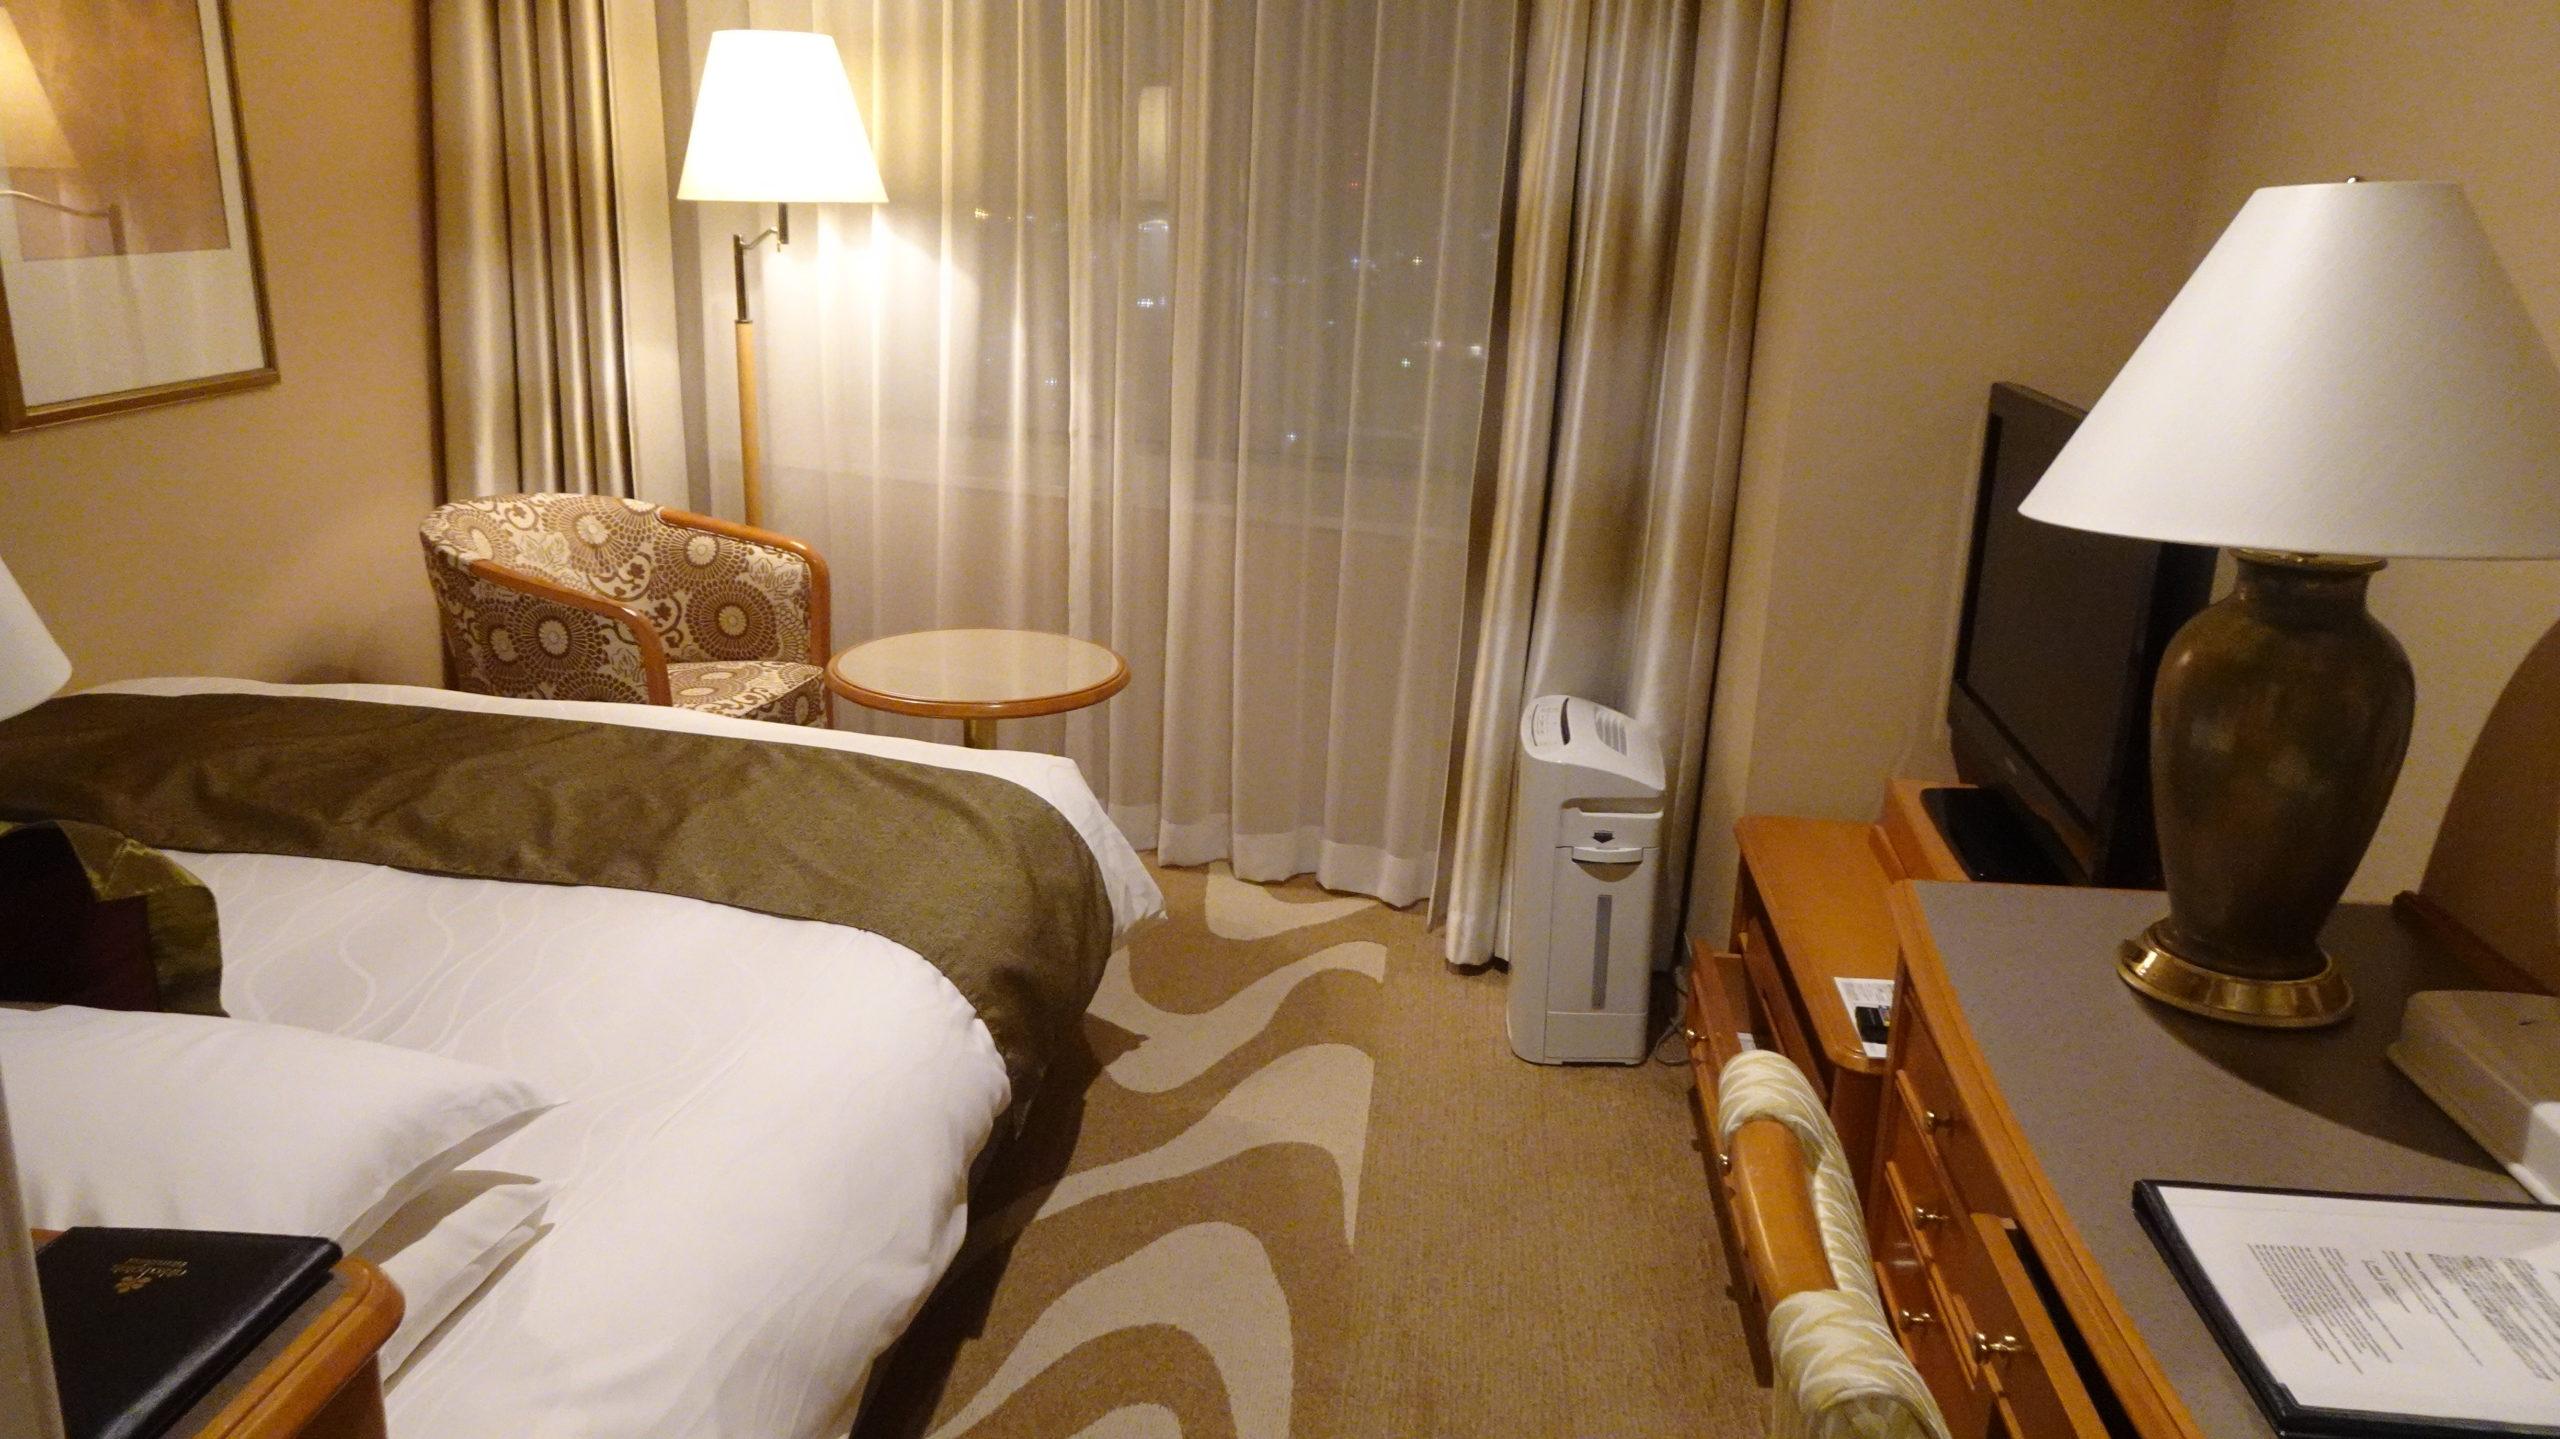 ホテル日航金沢のコンフォートダブルの室内